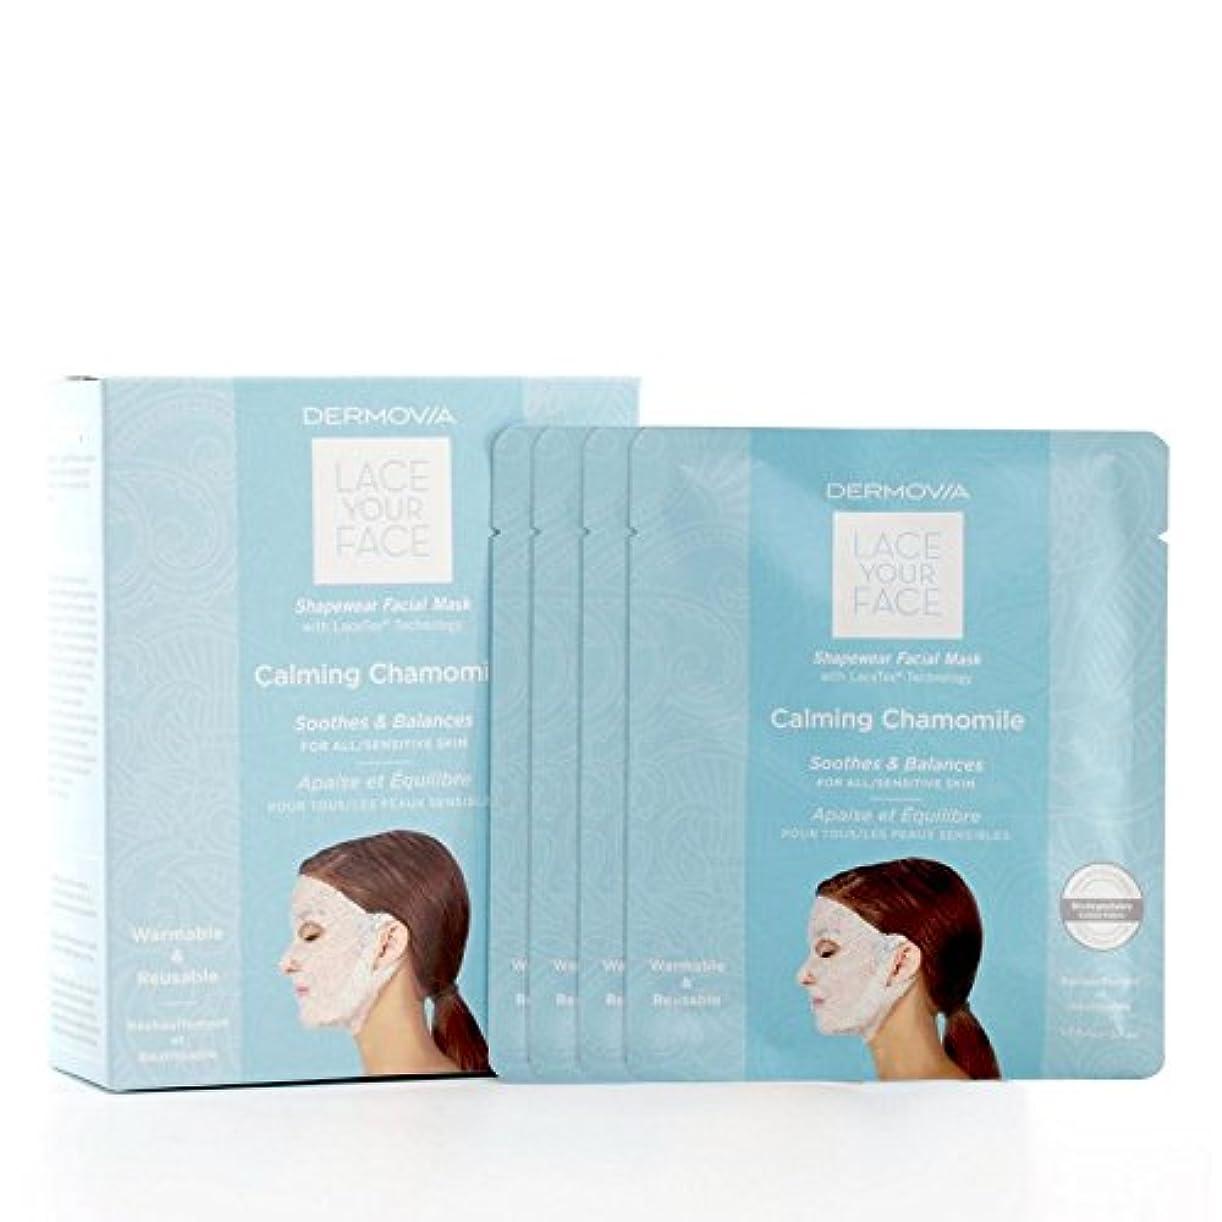 膨らませる疲れた領事館は、あなたの顔の圧縮フェイシャルマスク心を落ち着かせるカモミールをひもで締めます x2 - Dermovia Lace Your Face Compression Facial Mask Calming Chamomile...